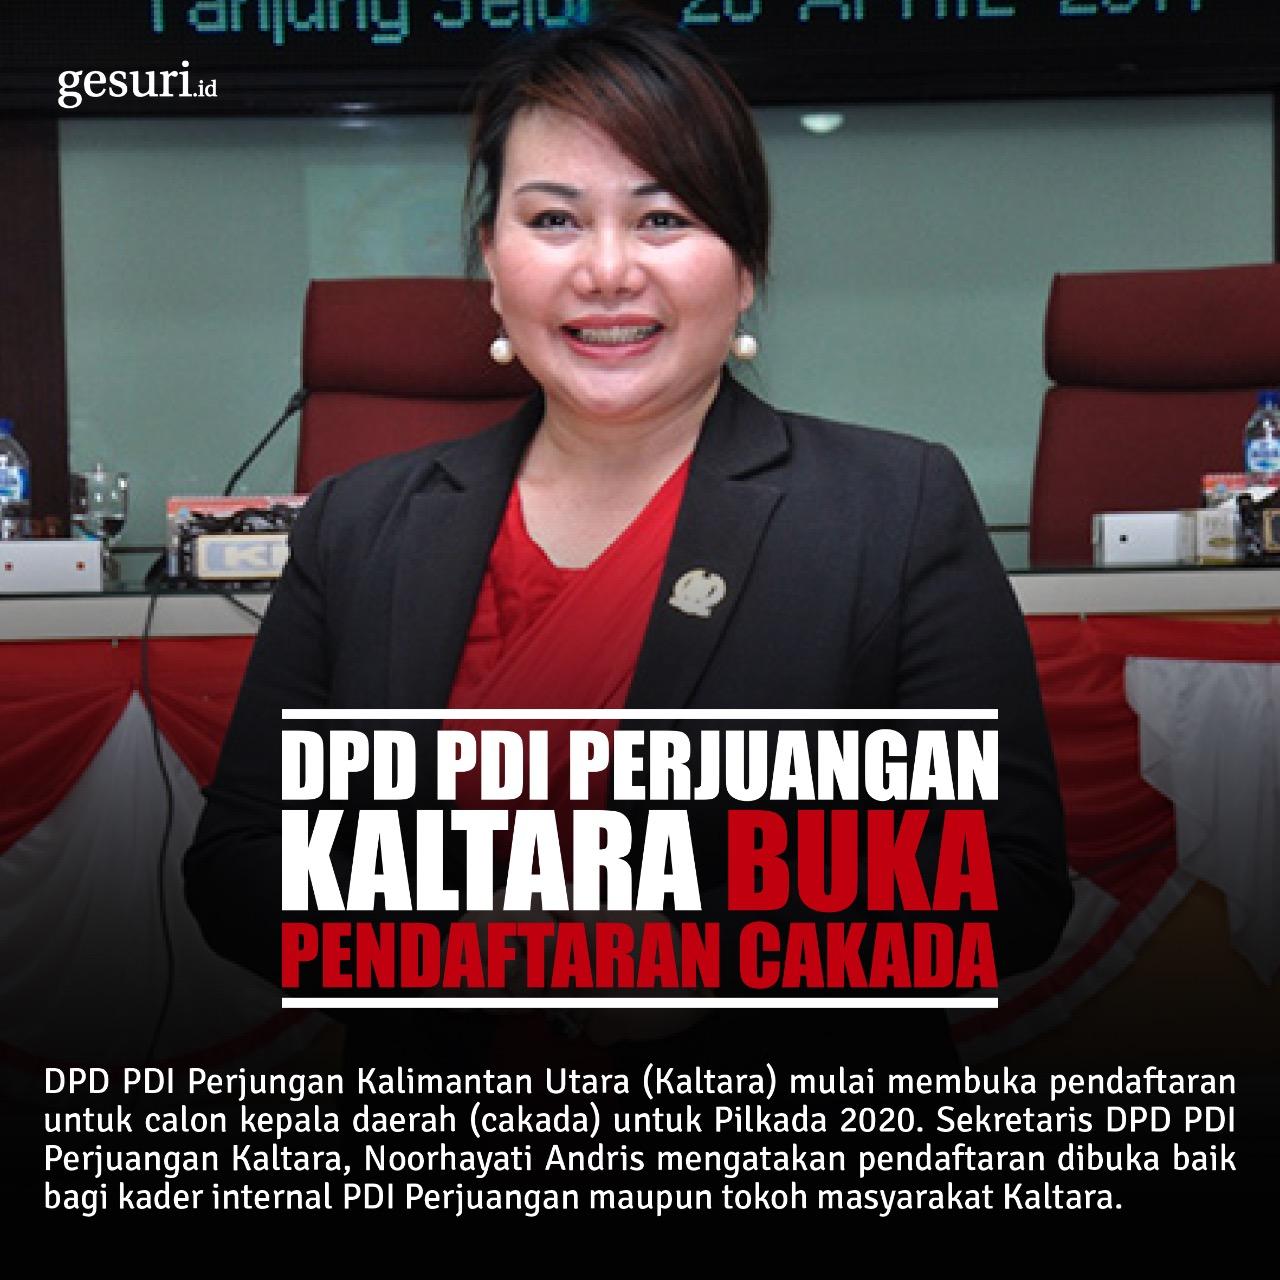 DPC PDI Perjuangan Kaltara Telah Membuka Pendaftaran Cakada